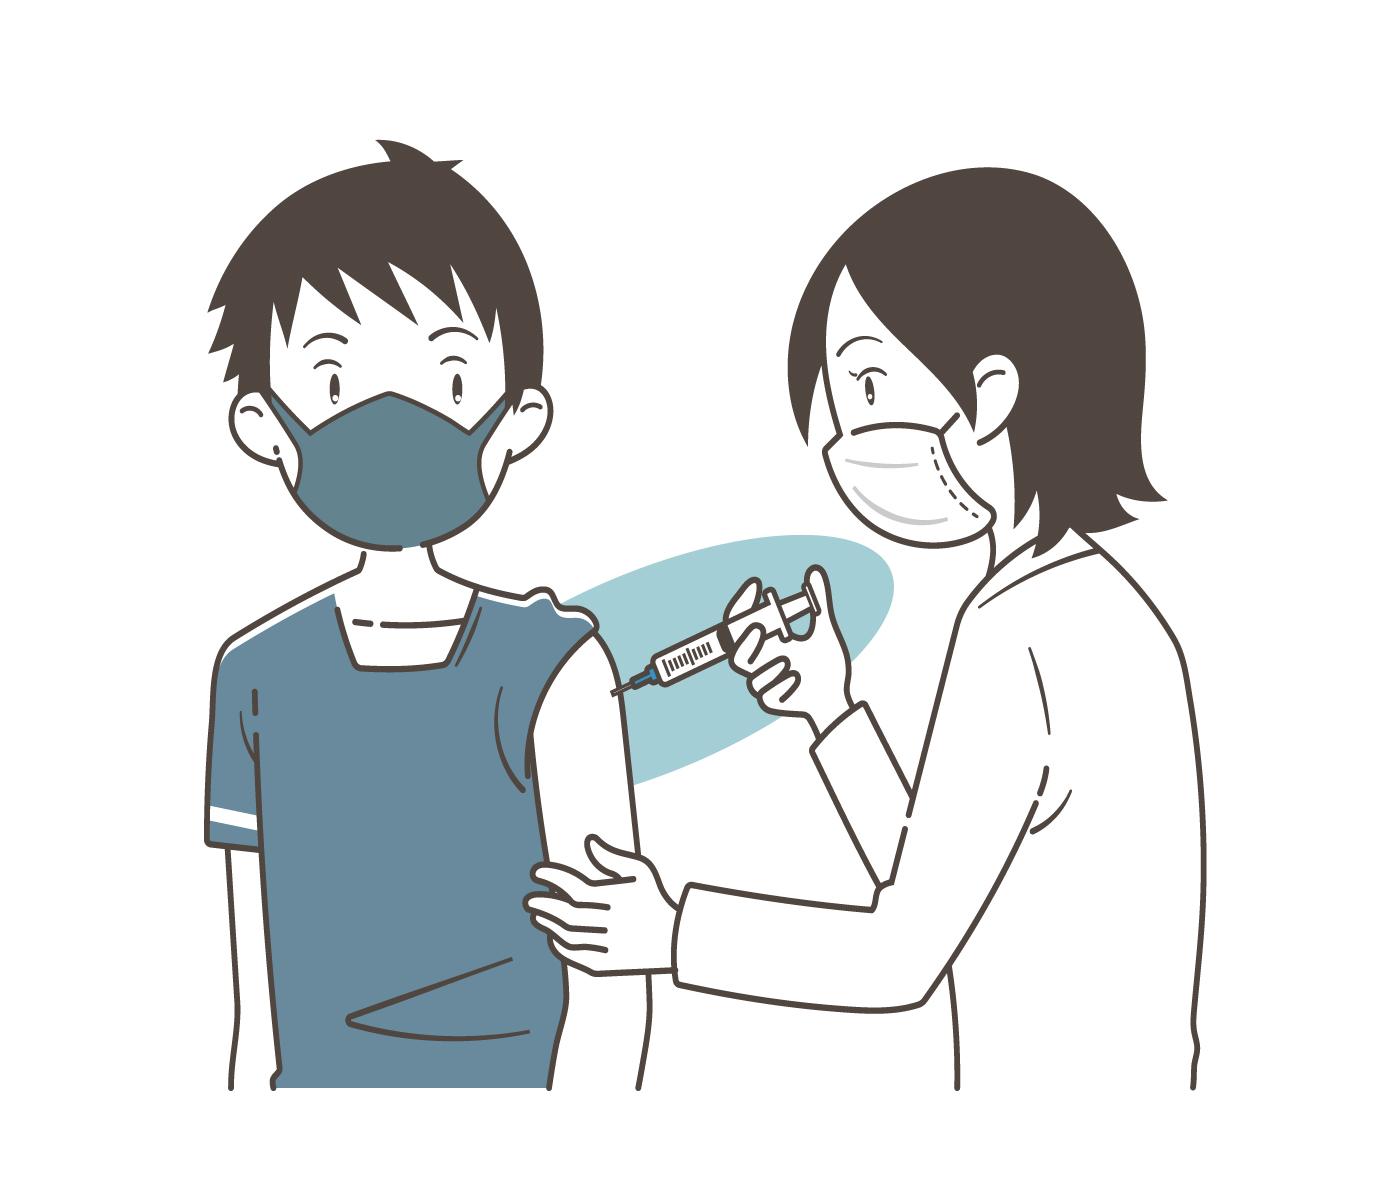 パパ、新型コロナウイルスのワクチン接種したってよ②